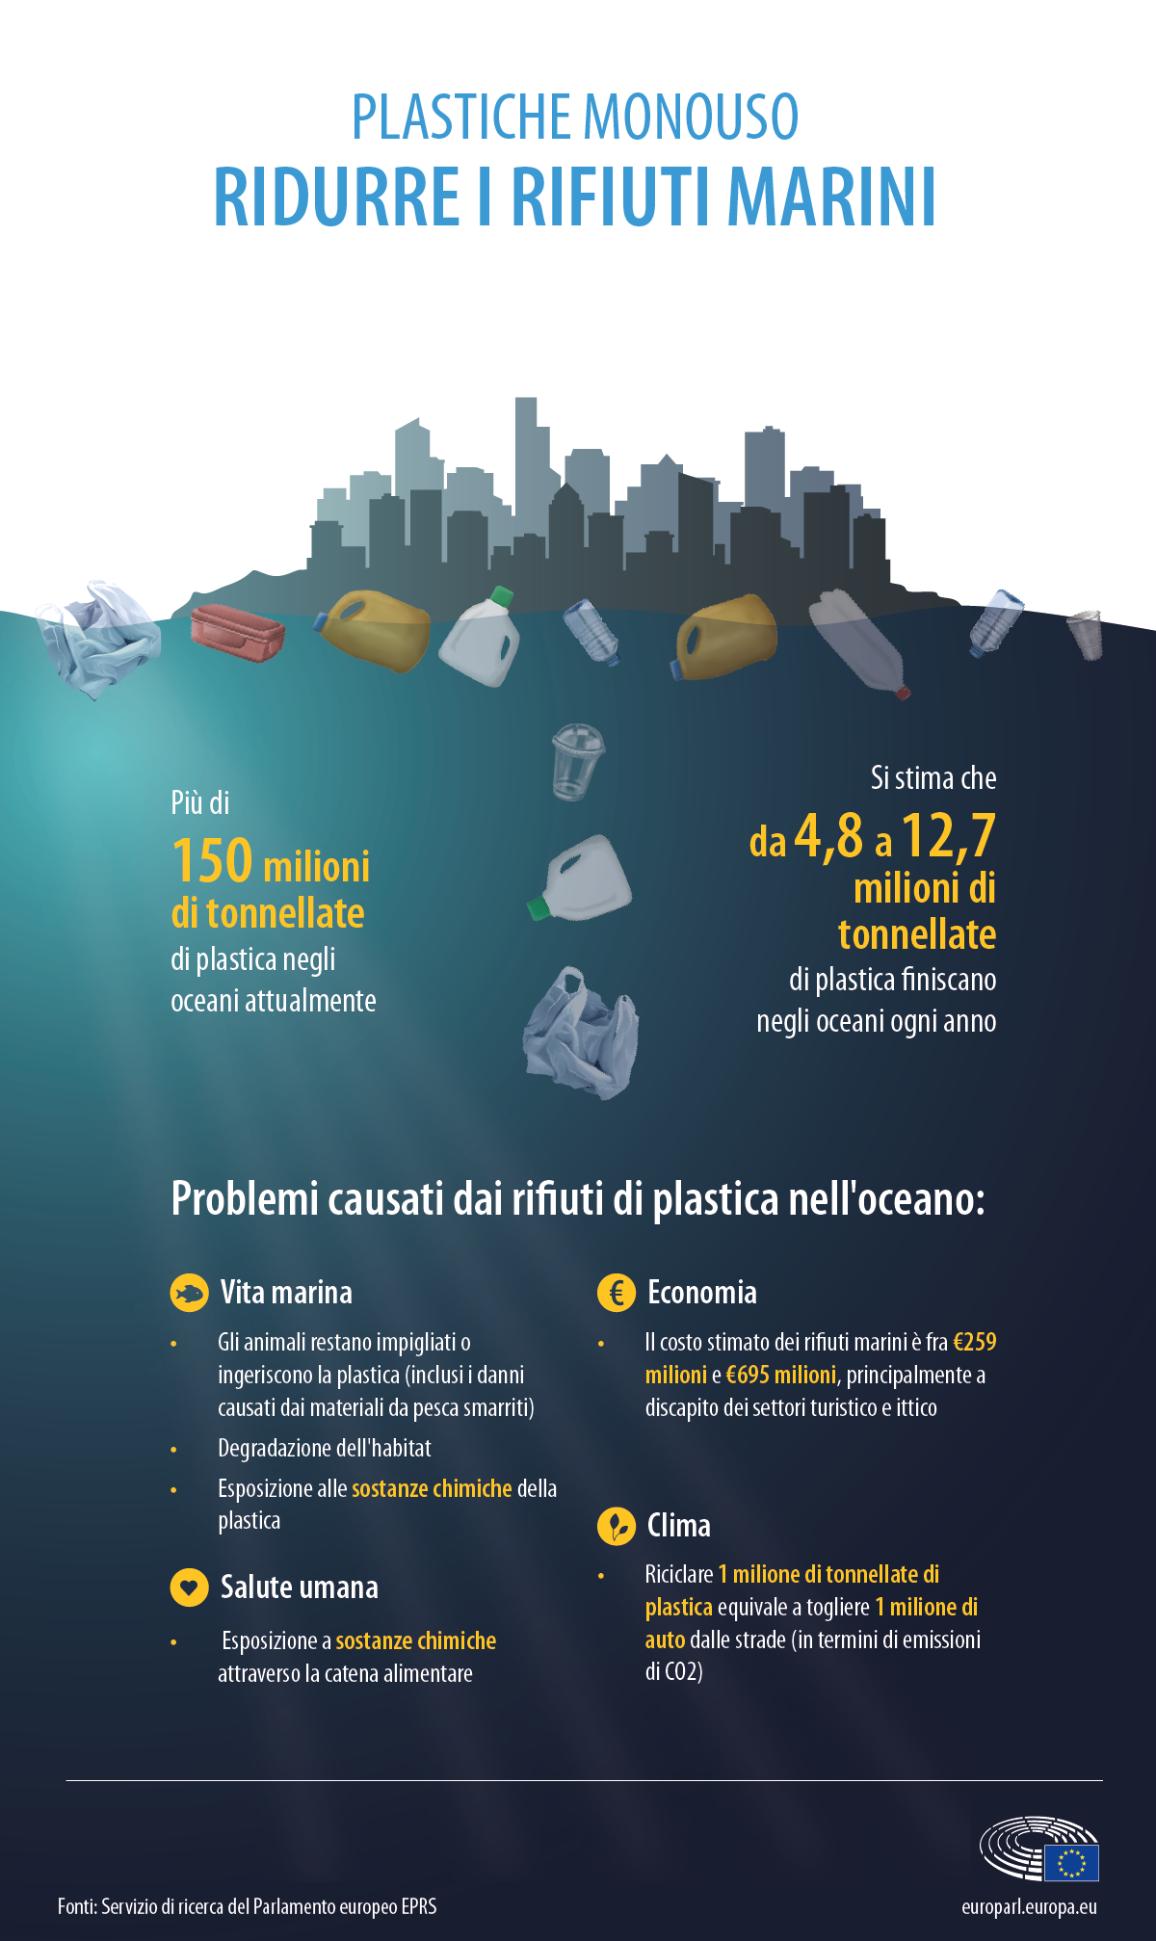 Infografica sui fattori chiave e i problemi causati dai rifiuti di plastica negli oceani